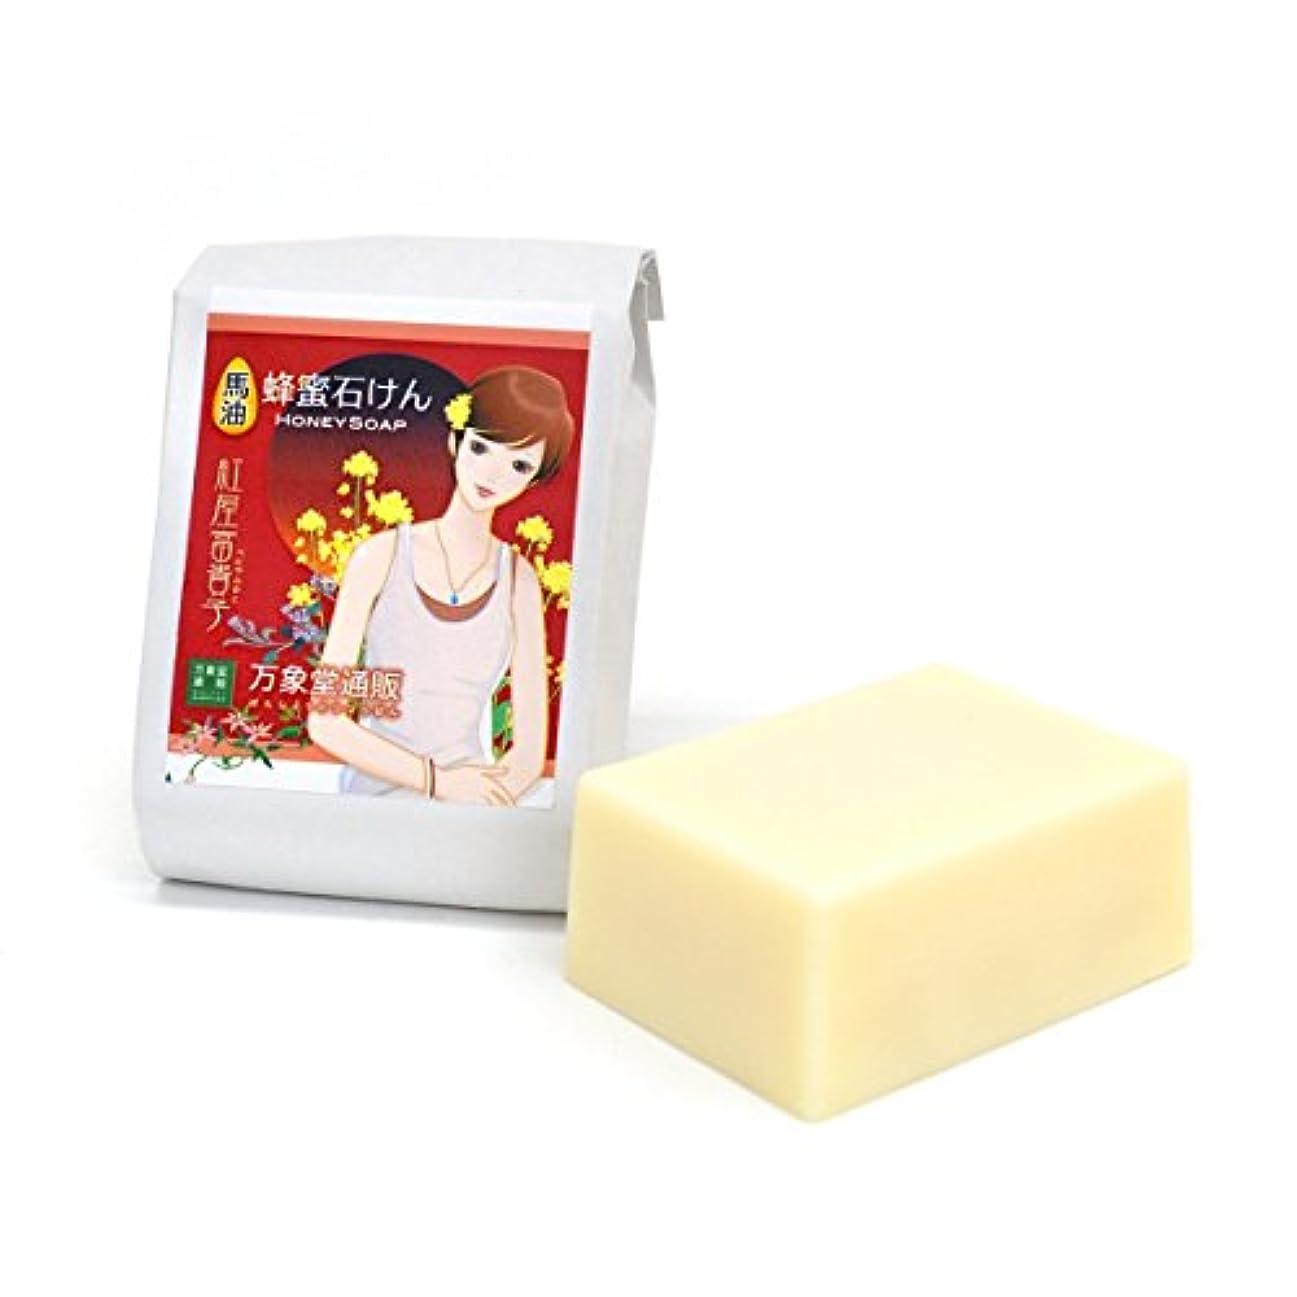 デコレーション文字通りのど森羅万象堂 馬油石鹸 90g(国産)熊本県産 国産蜂蜜配合